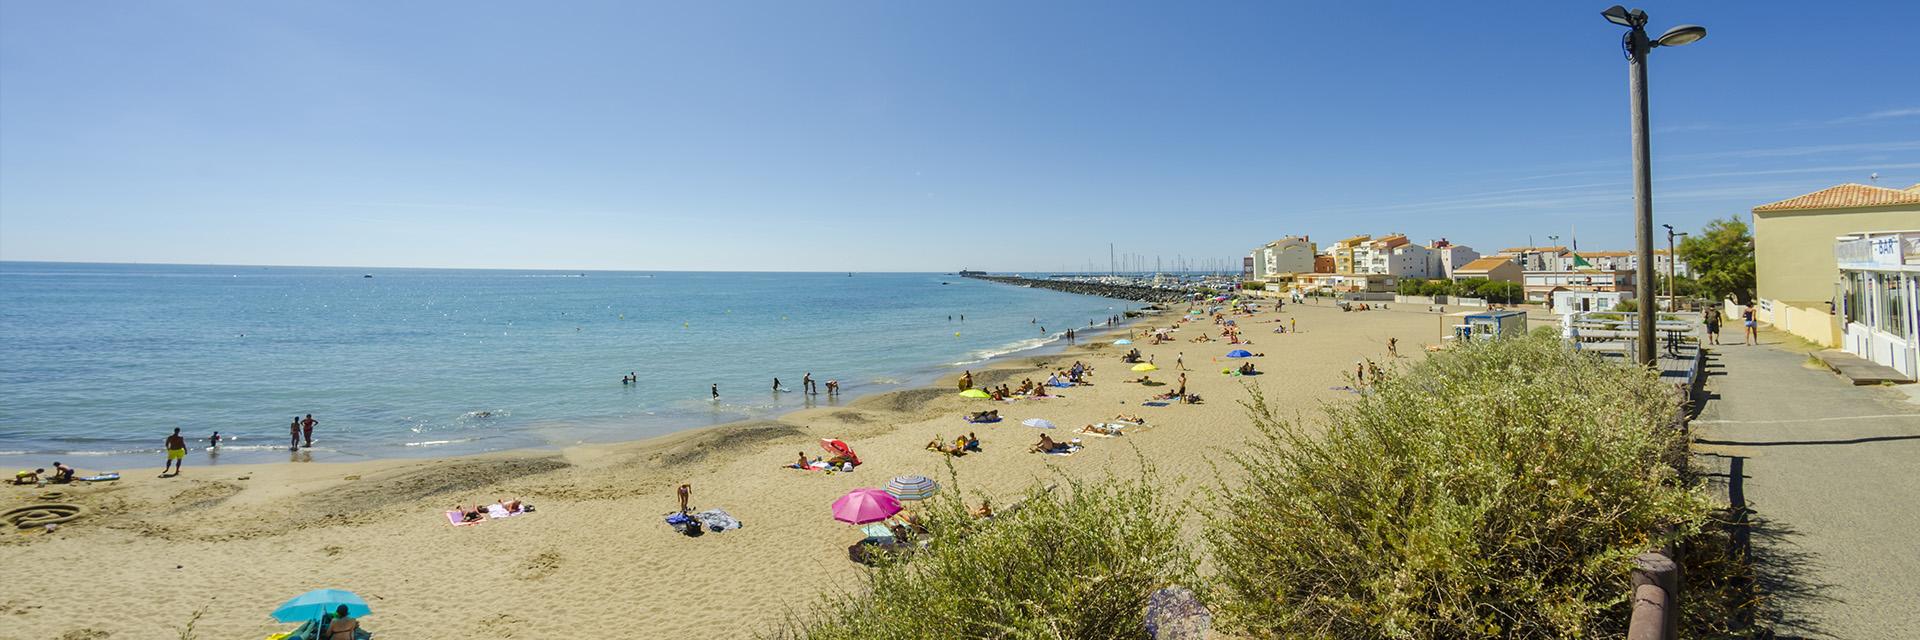 village-vacances-batipaume-plage